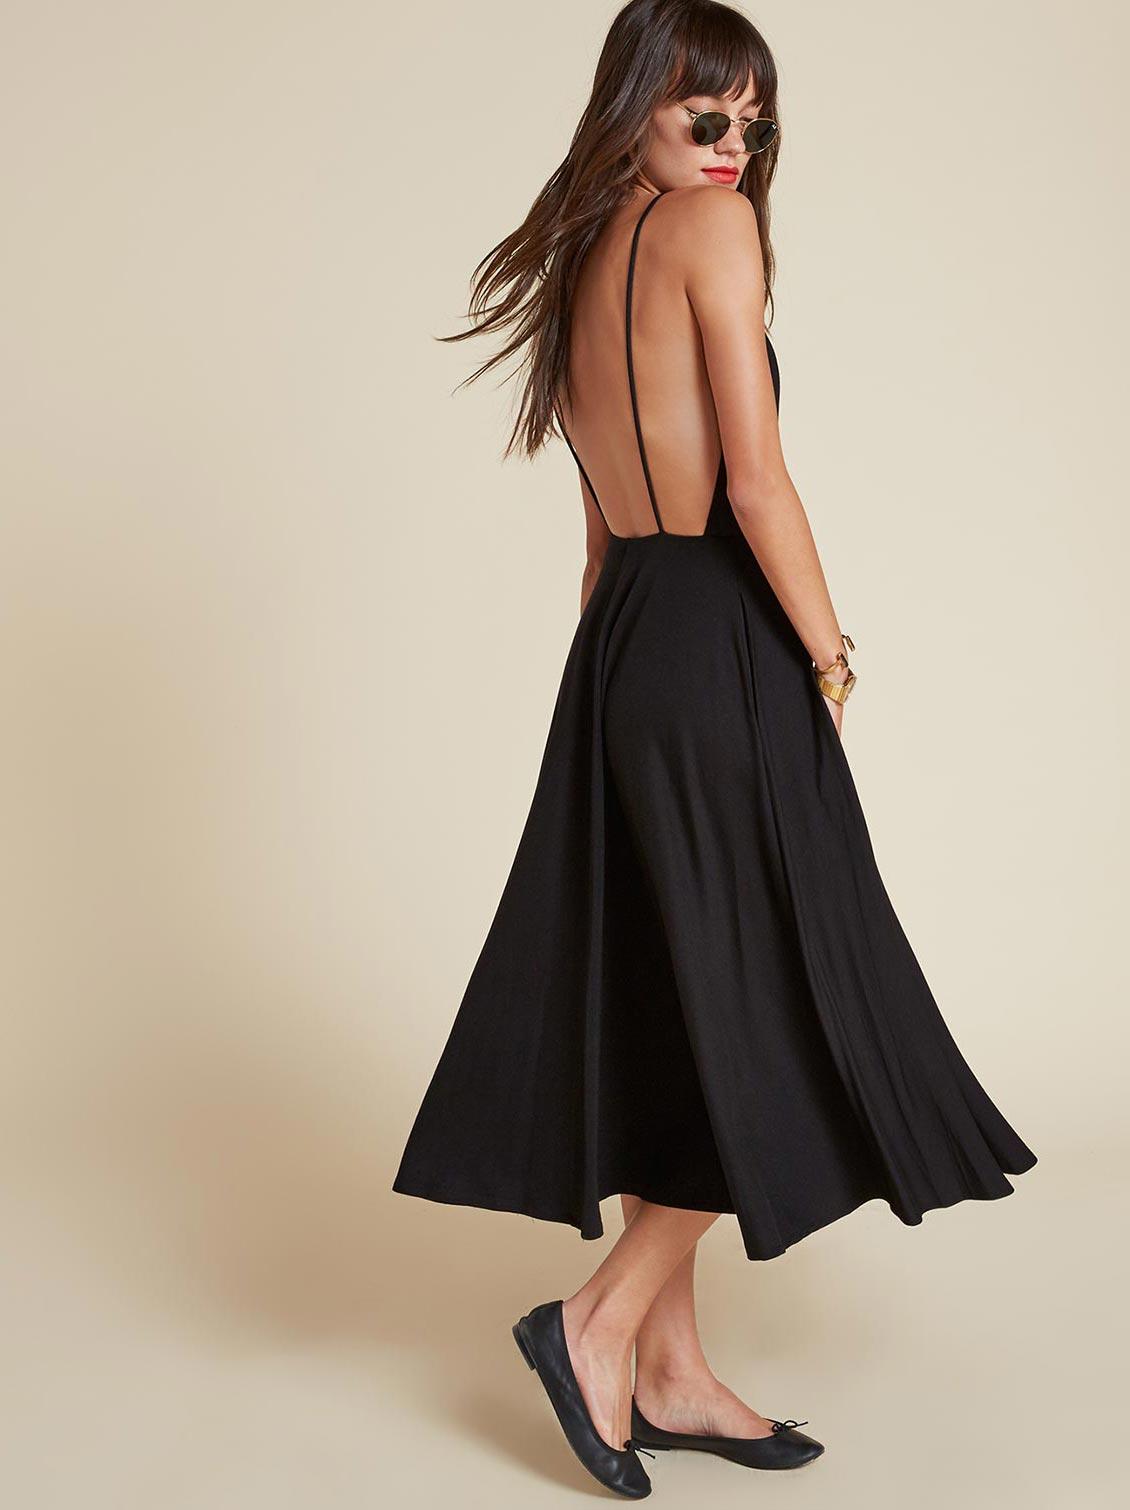 Naya Dress Reformation.jpg